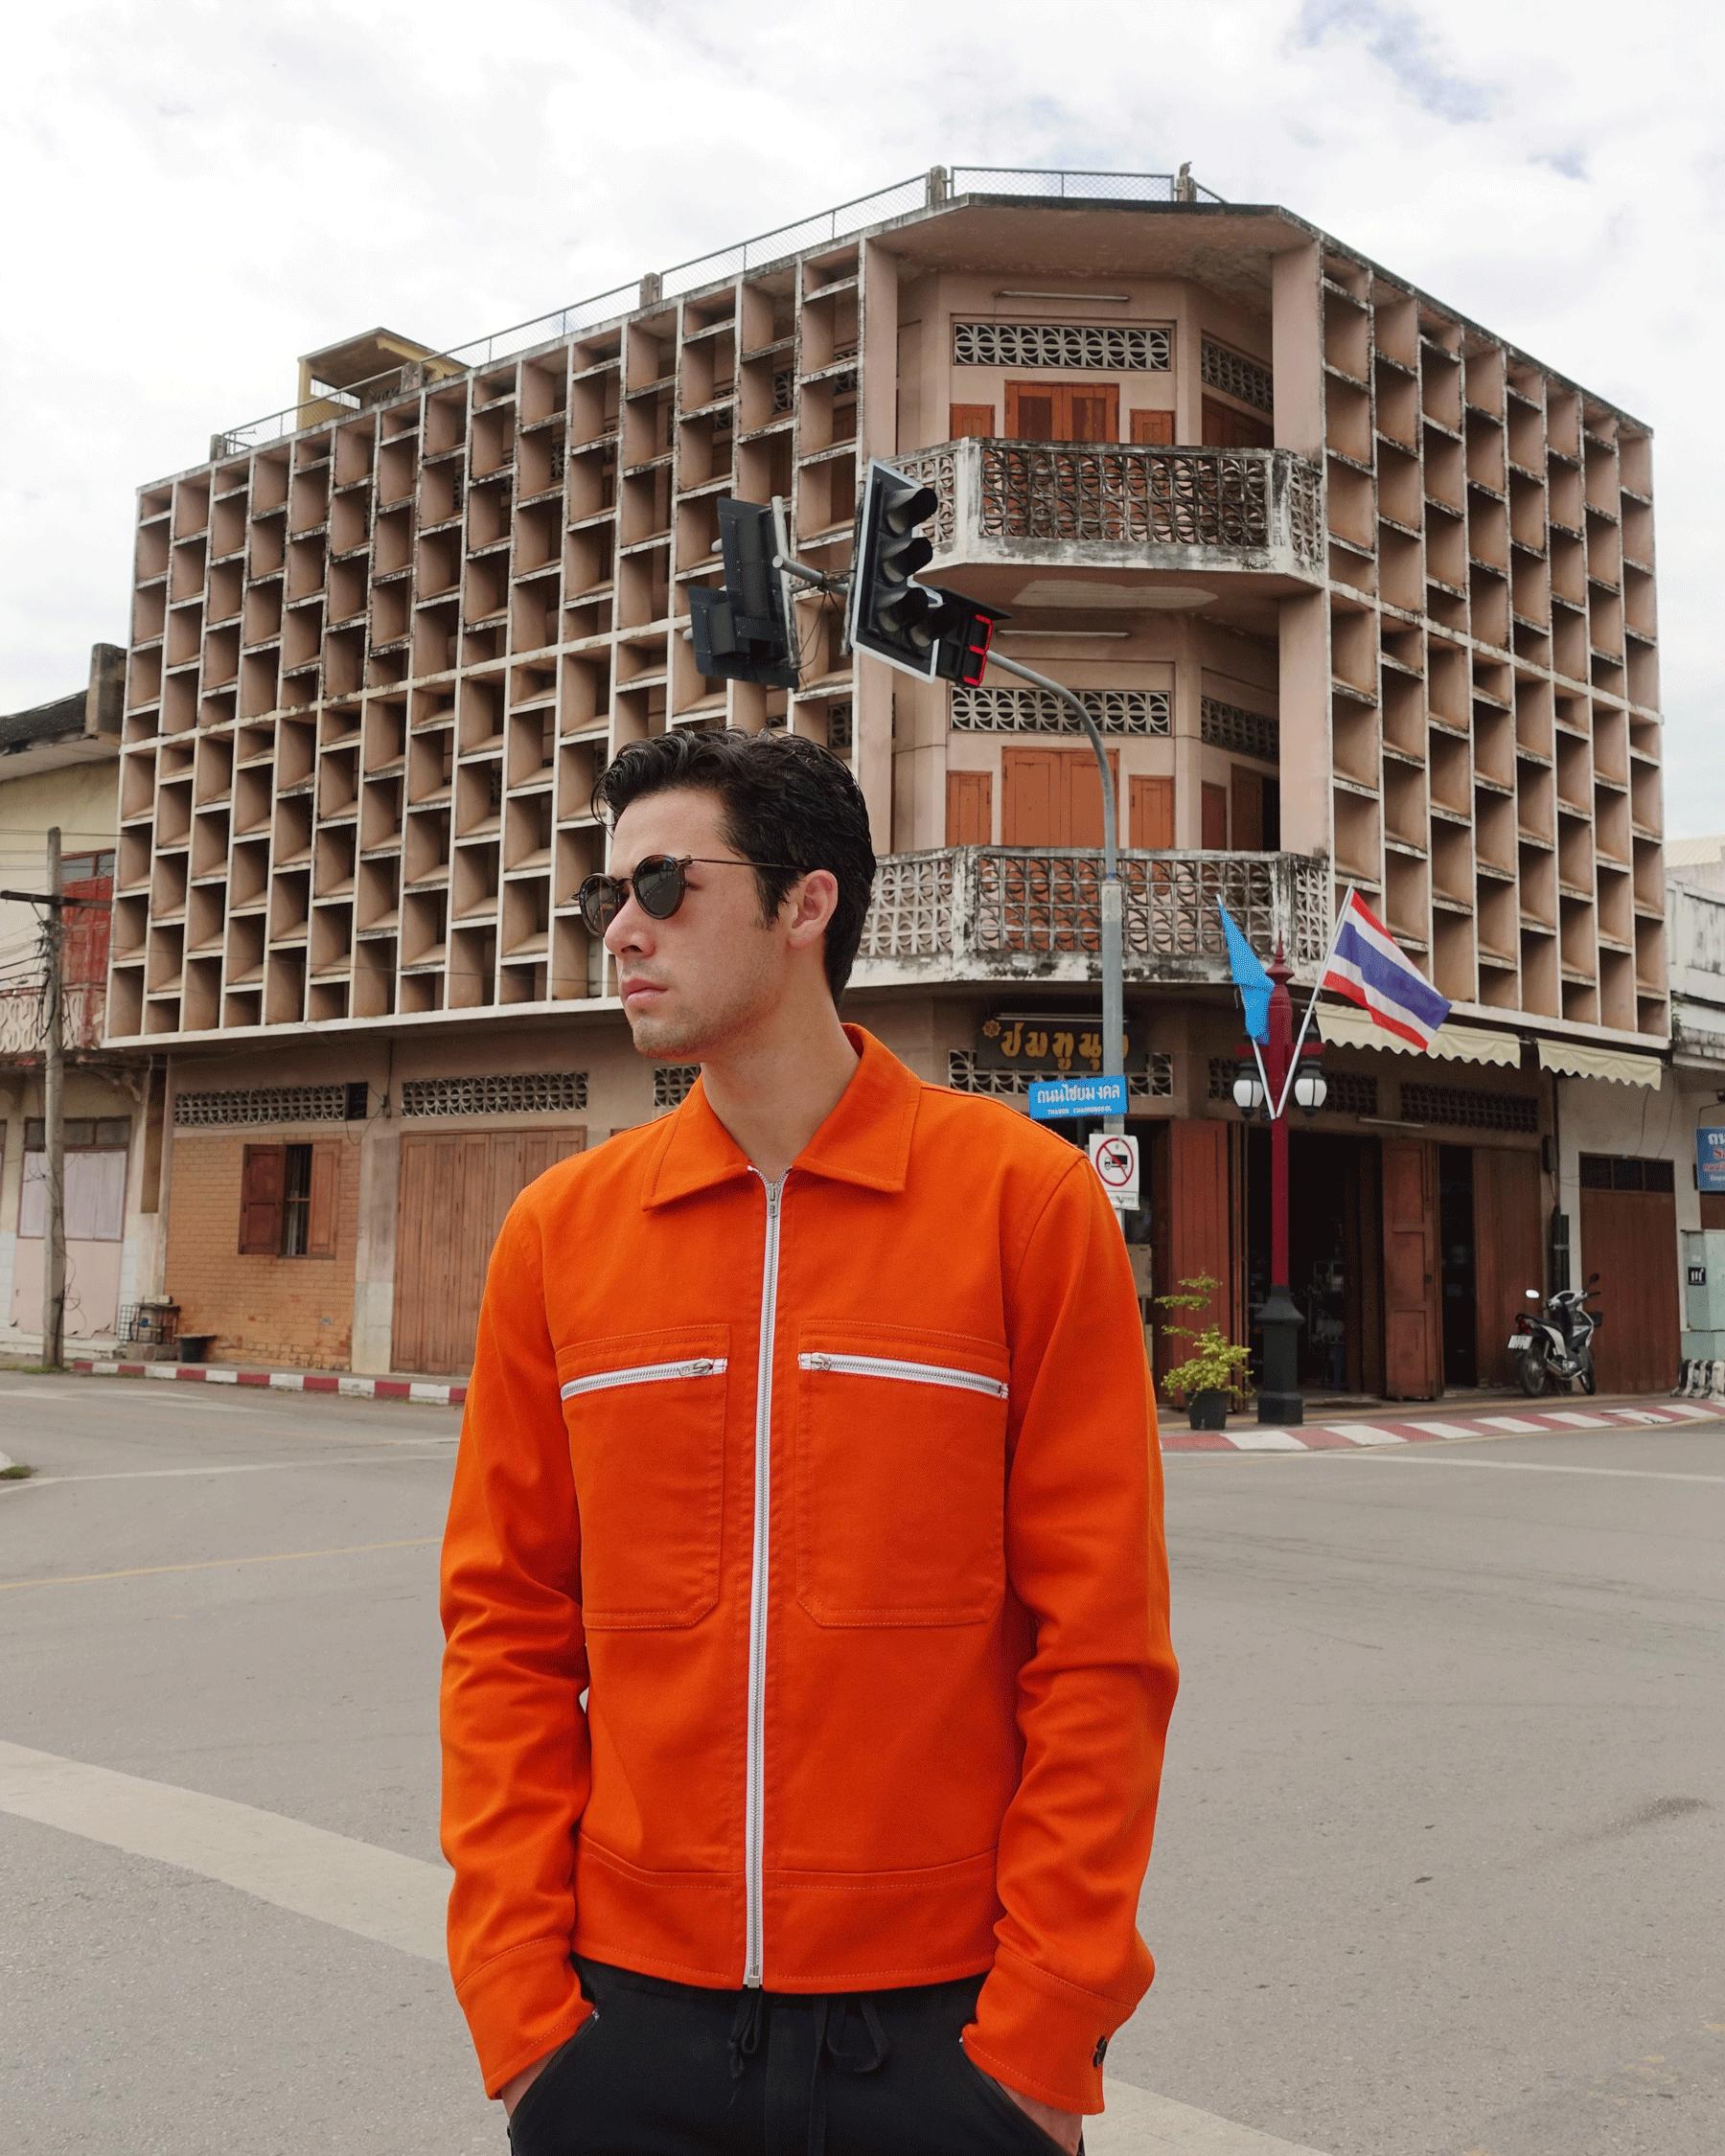 jacket : CK Calvin Klein / sunglasses : TAVAT